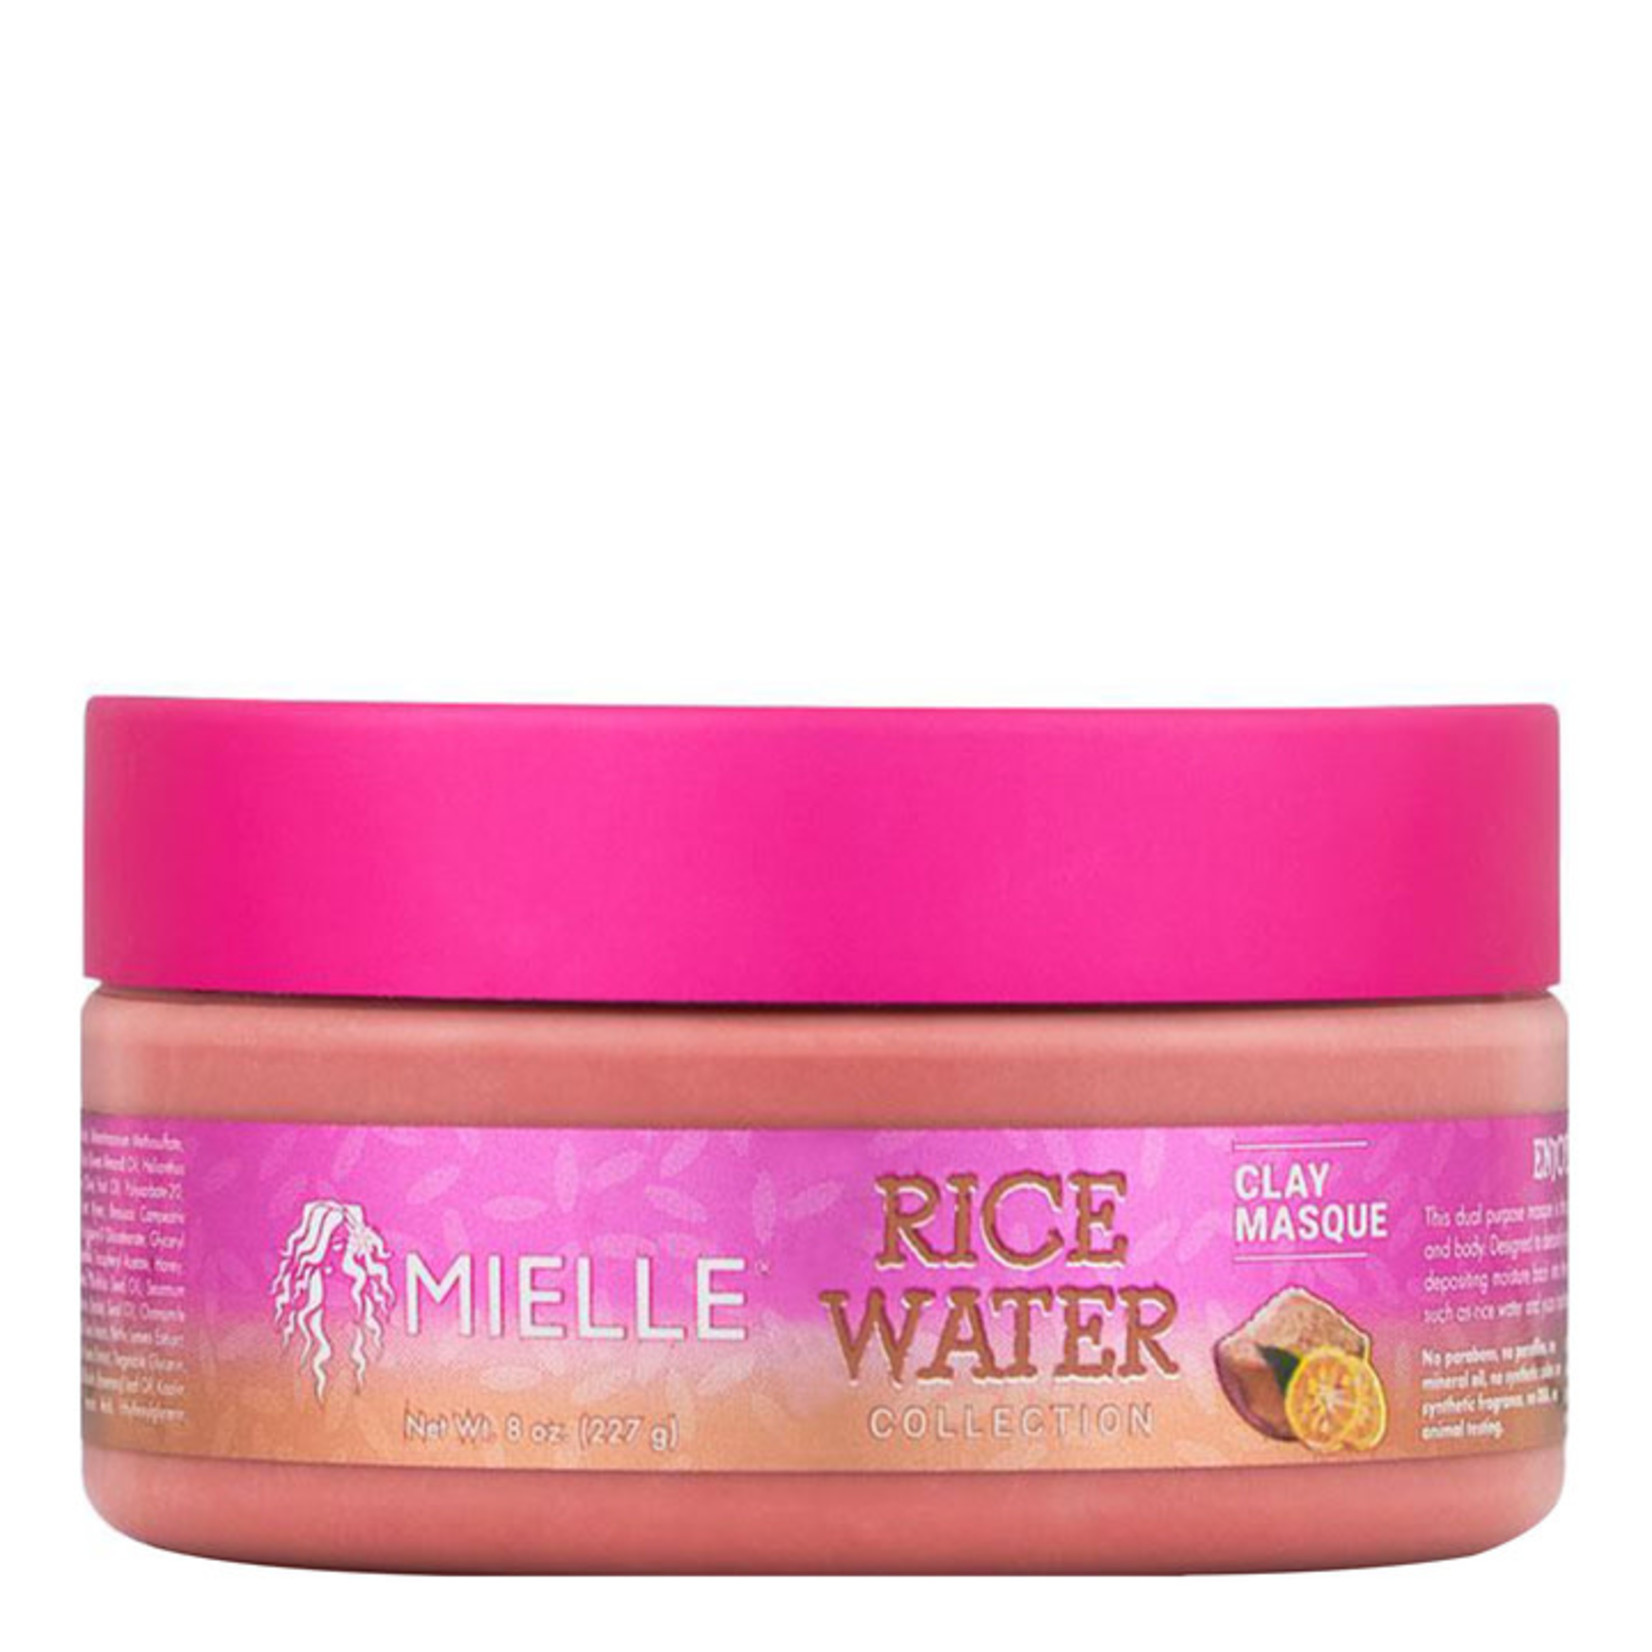 MIELLE ORGANICS MIELLE ORGANICS Rice Water Clay Masque (8oz)